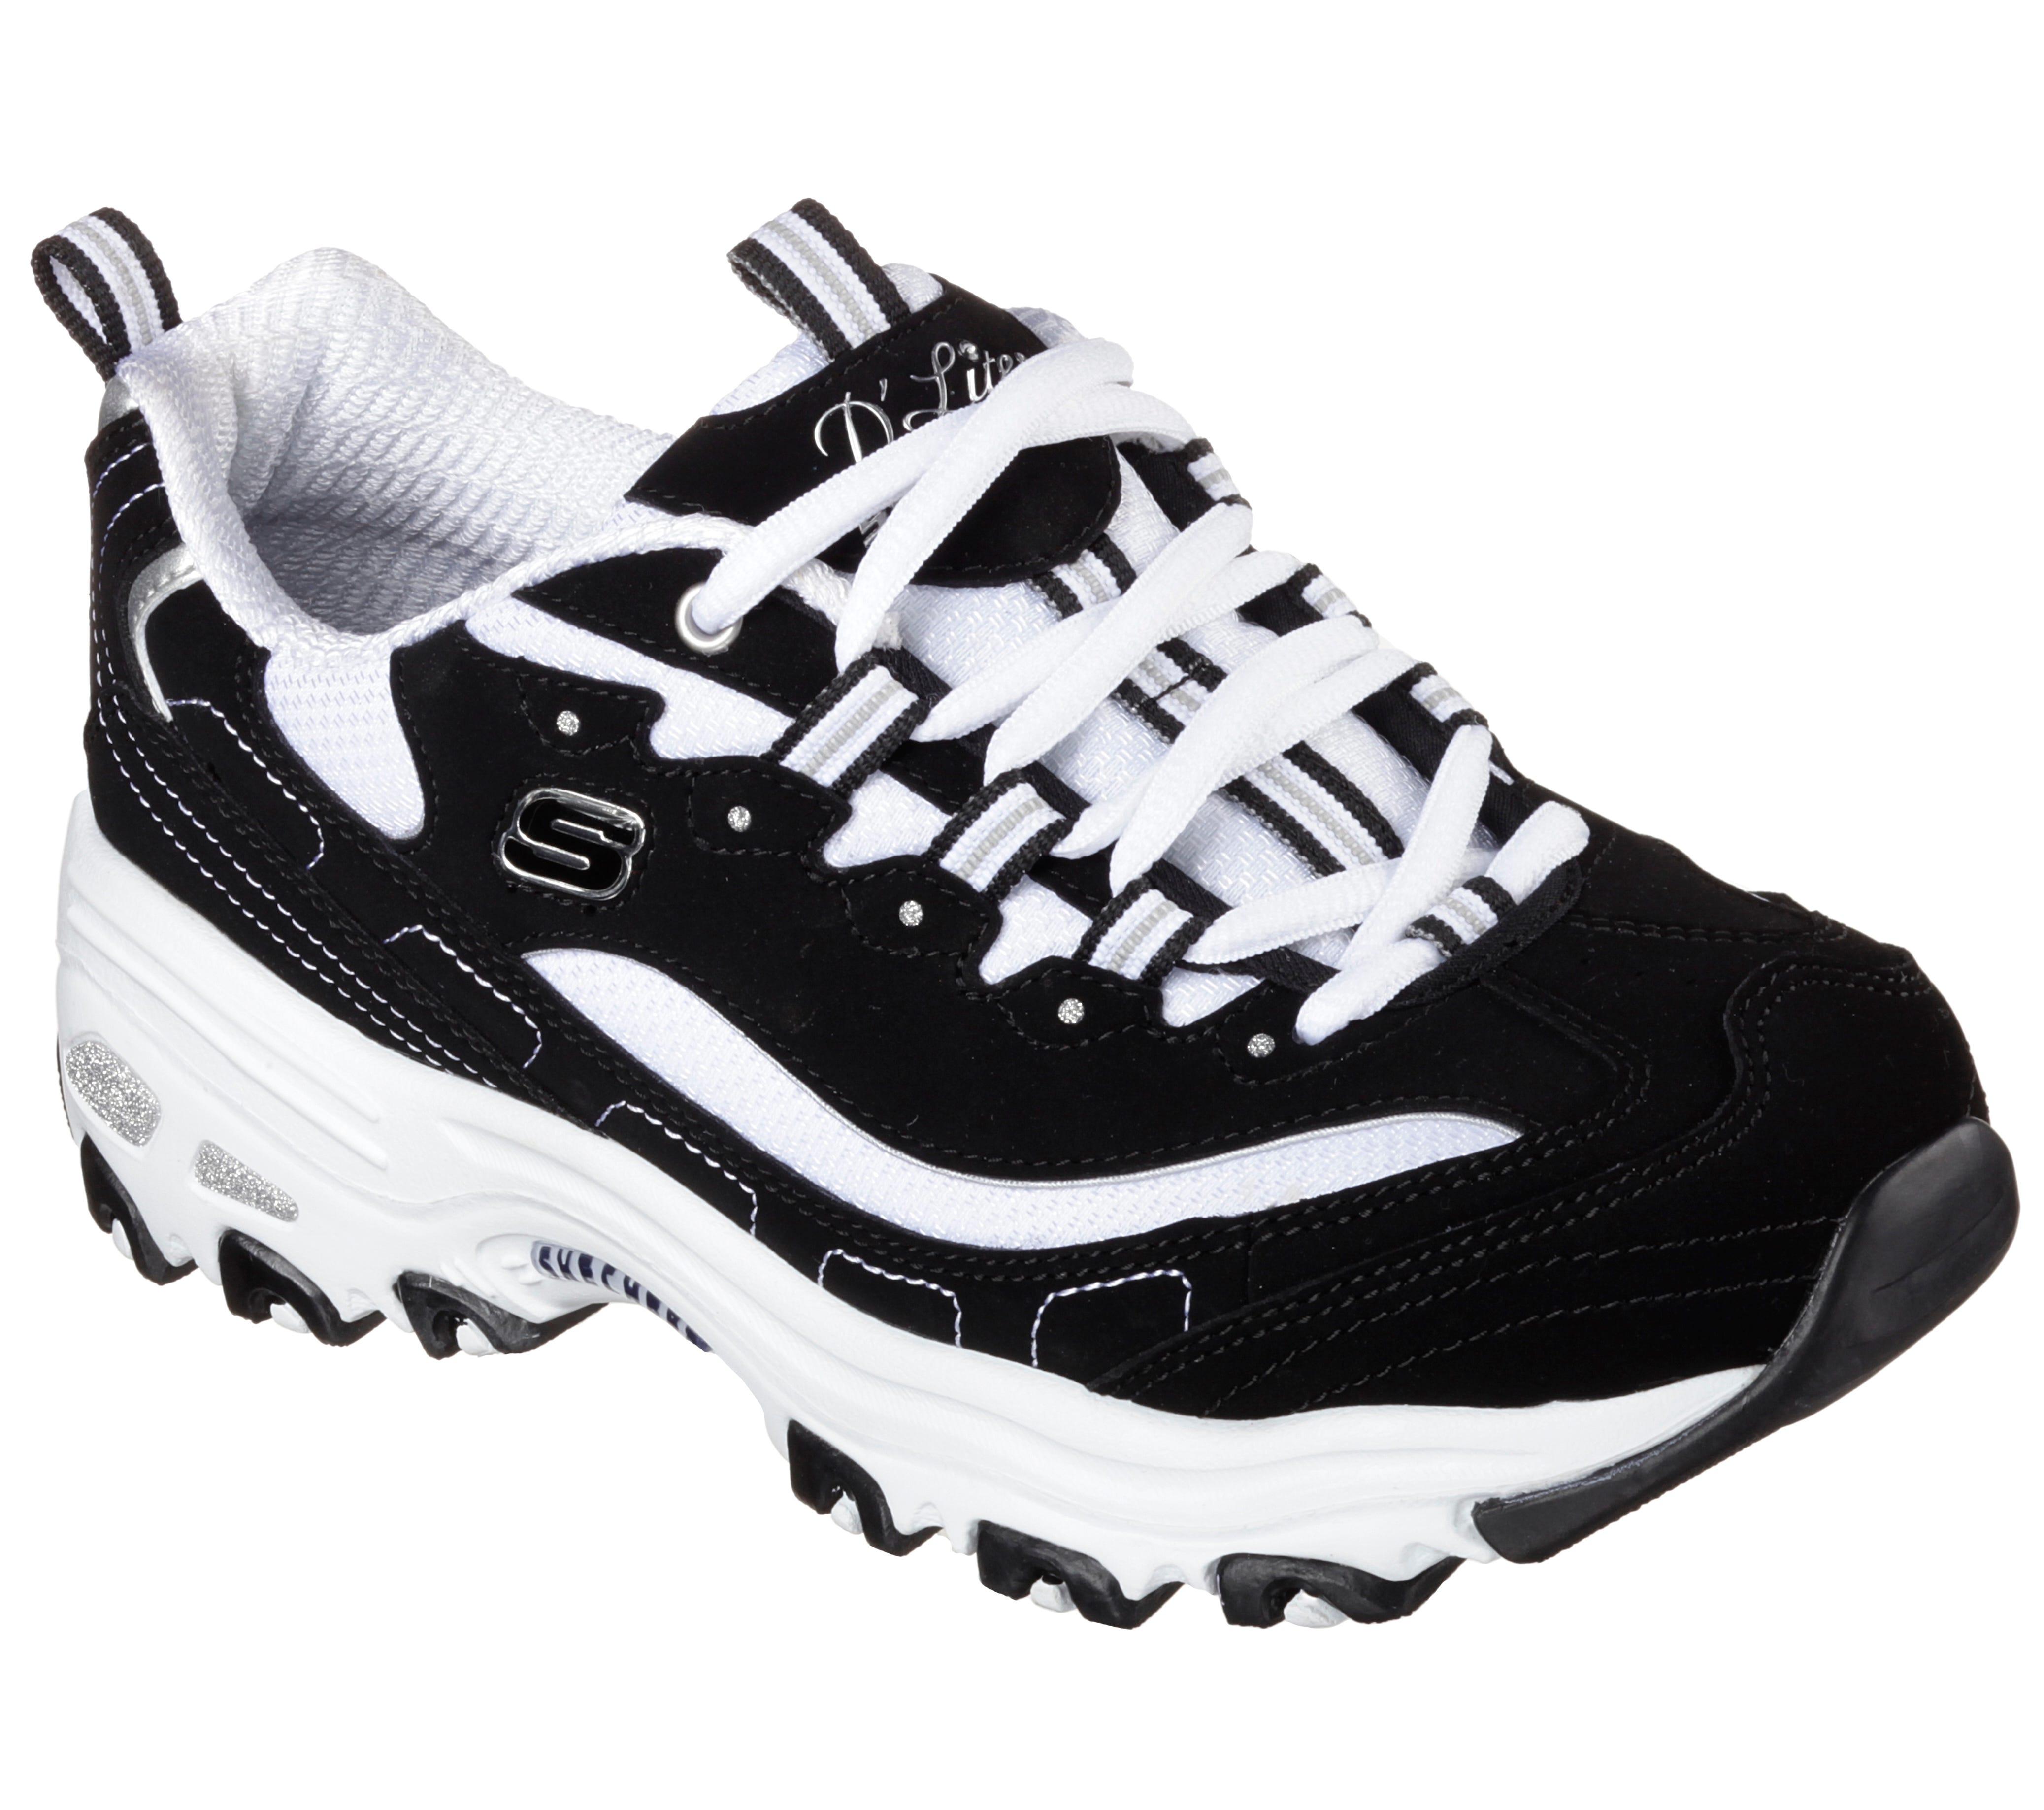 SKECHERS Dad shoes Acheter En Ligne Sortie D'usine Pas Cher mIw5ZaROS4